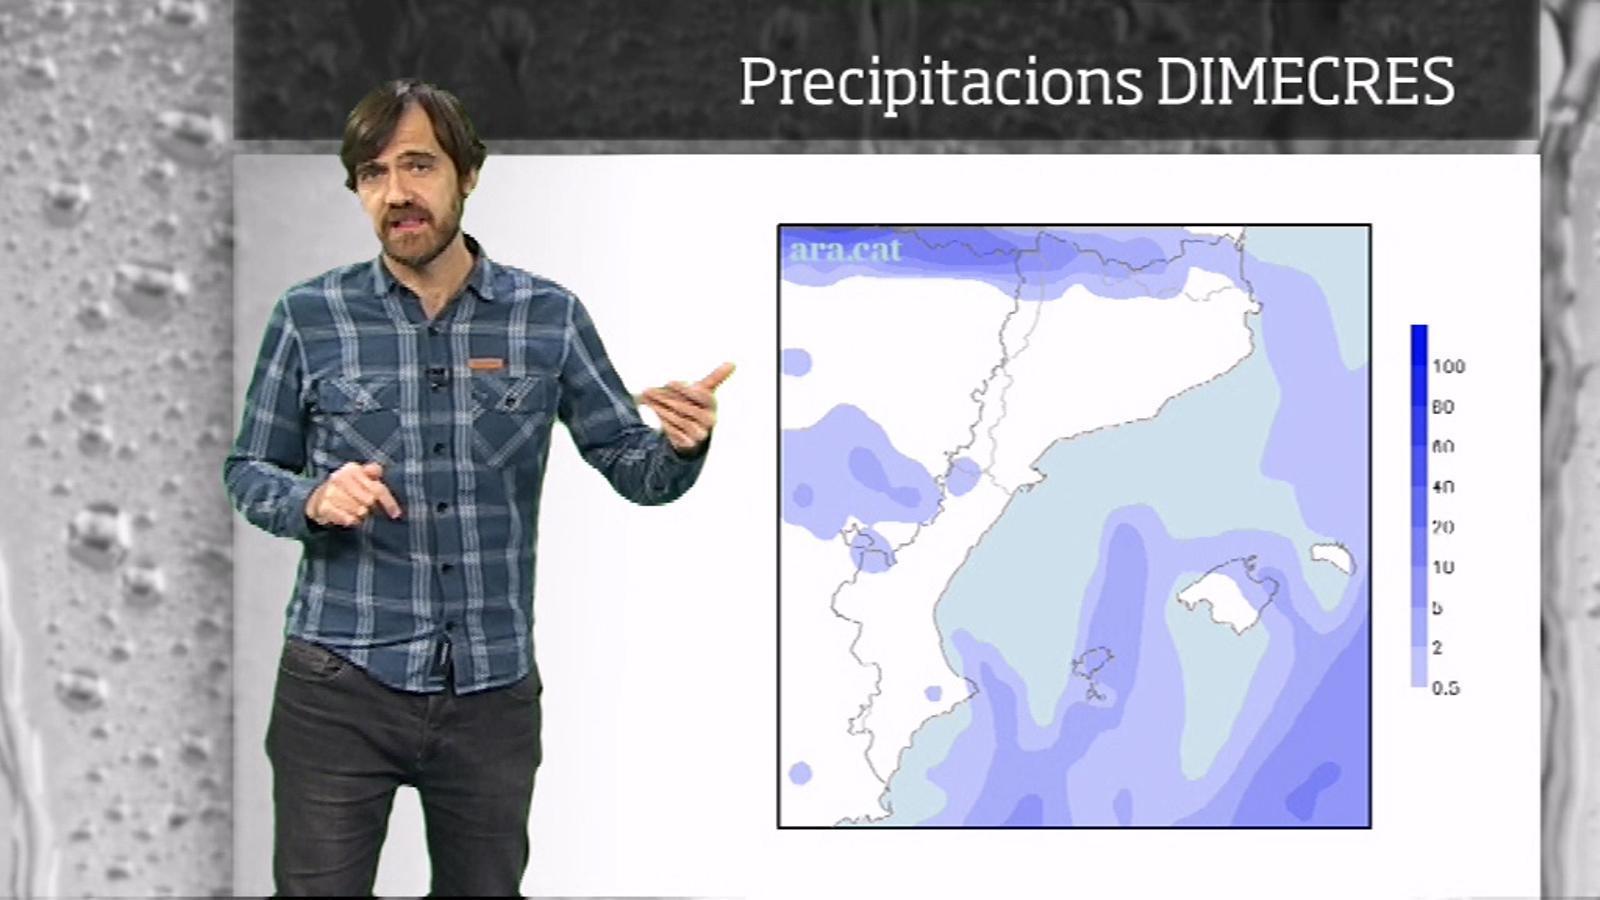 La méteo en 1 minut: ventades, més neu i temperatures més altes